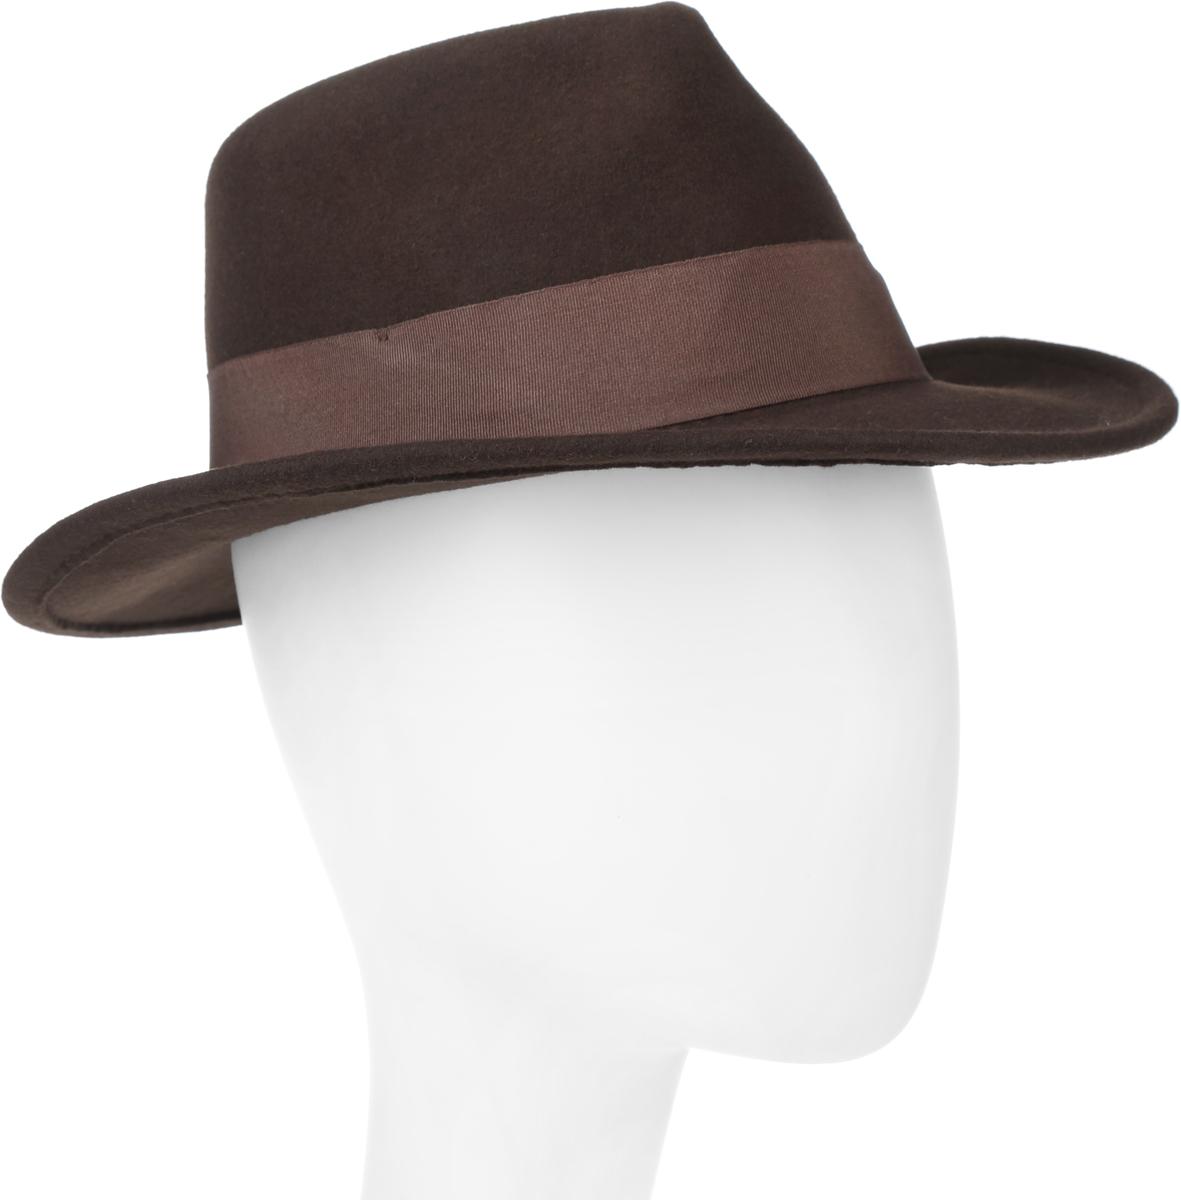 Шляпа600-0001Элегантная шляпа The Francis Fratelli от Goorin Brothers из коллекции Glory, выполненная из фетра, дополнит любой образ. Модель с узкими полями, невысокой вертикальной тульей с продольными заломами и прямым полями. Внутри модель дополнена плотной тесьмой для комфортной посадки изделия по голове. Шляпа-федора по тулье оформлена широкой текстильной лентой с перемычкой дополненной металлическим элементом в виде логотипа бренда. Такая шляпа подчеркнет вашу неповторимость и прекрасный вкус.